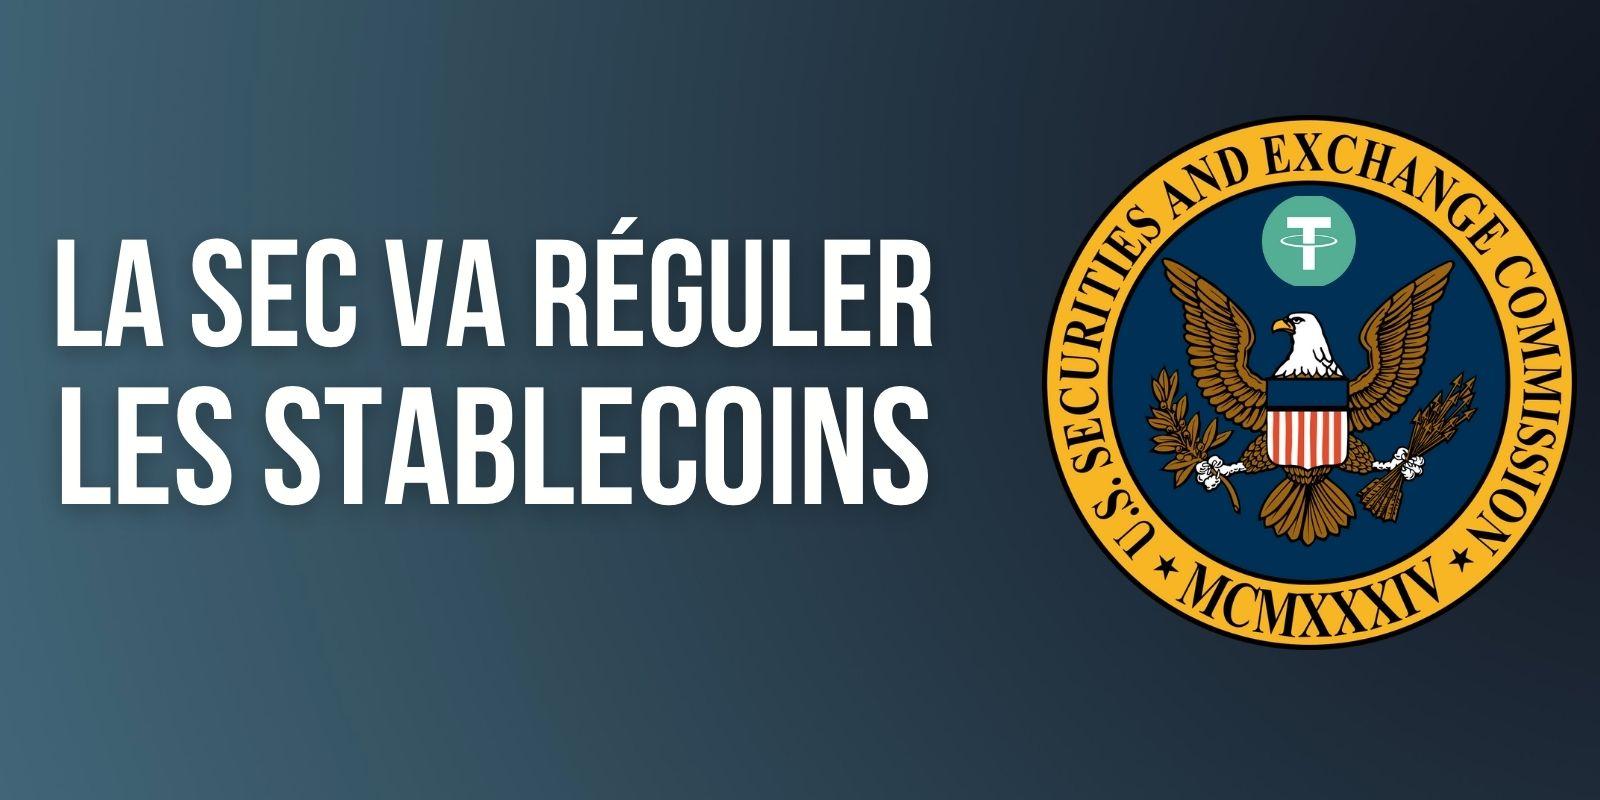 États-Unis : la SEC désignée pour la régulation des stablecoins américains